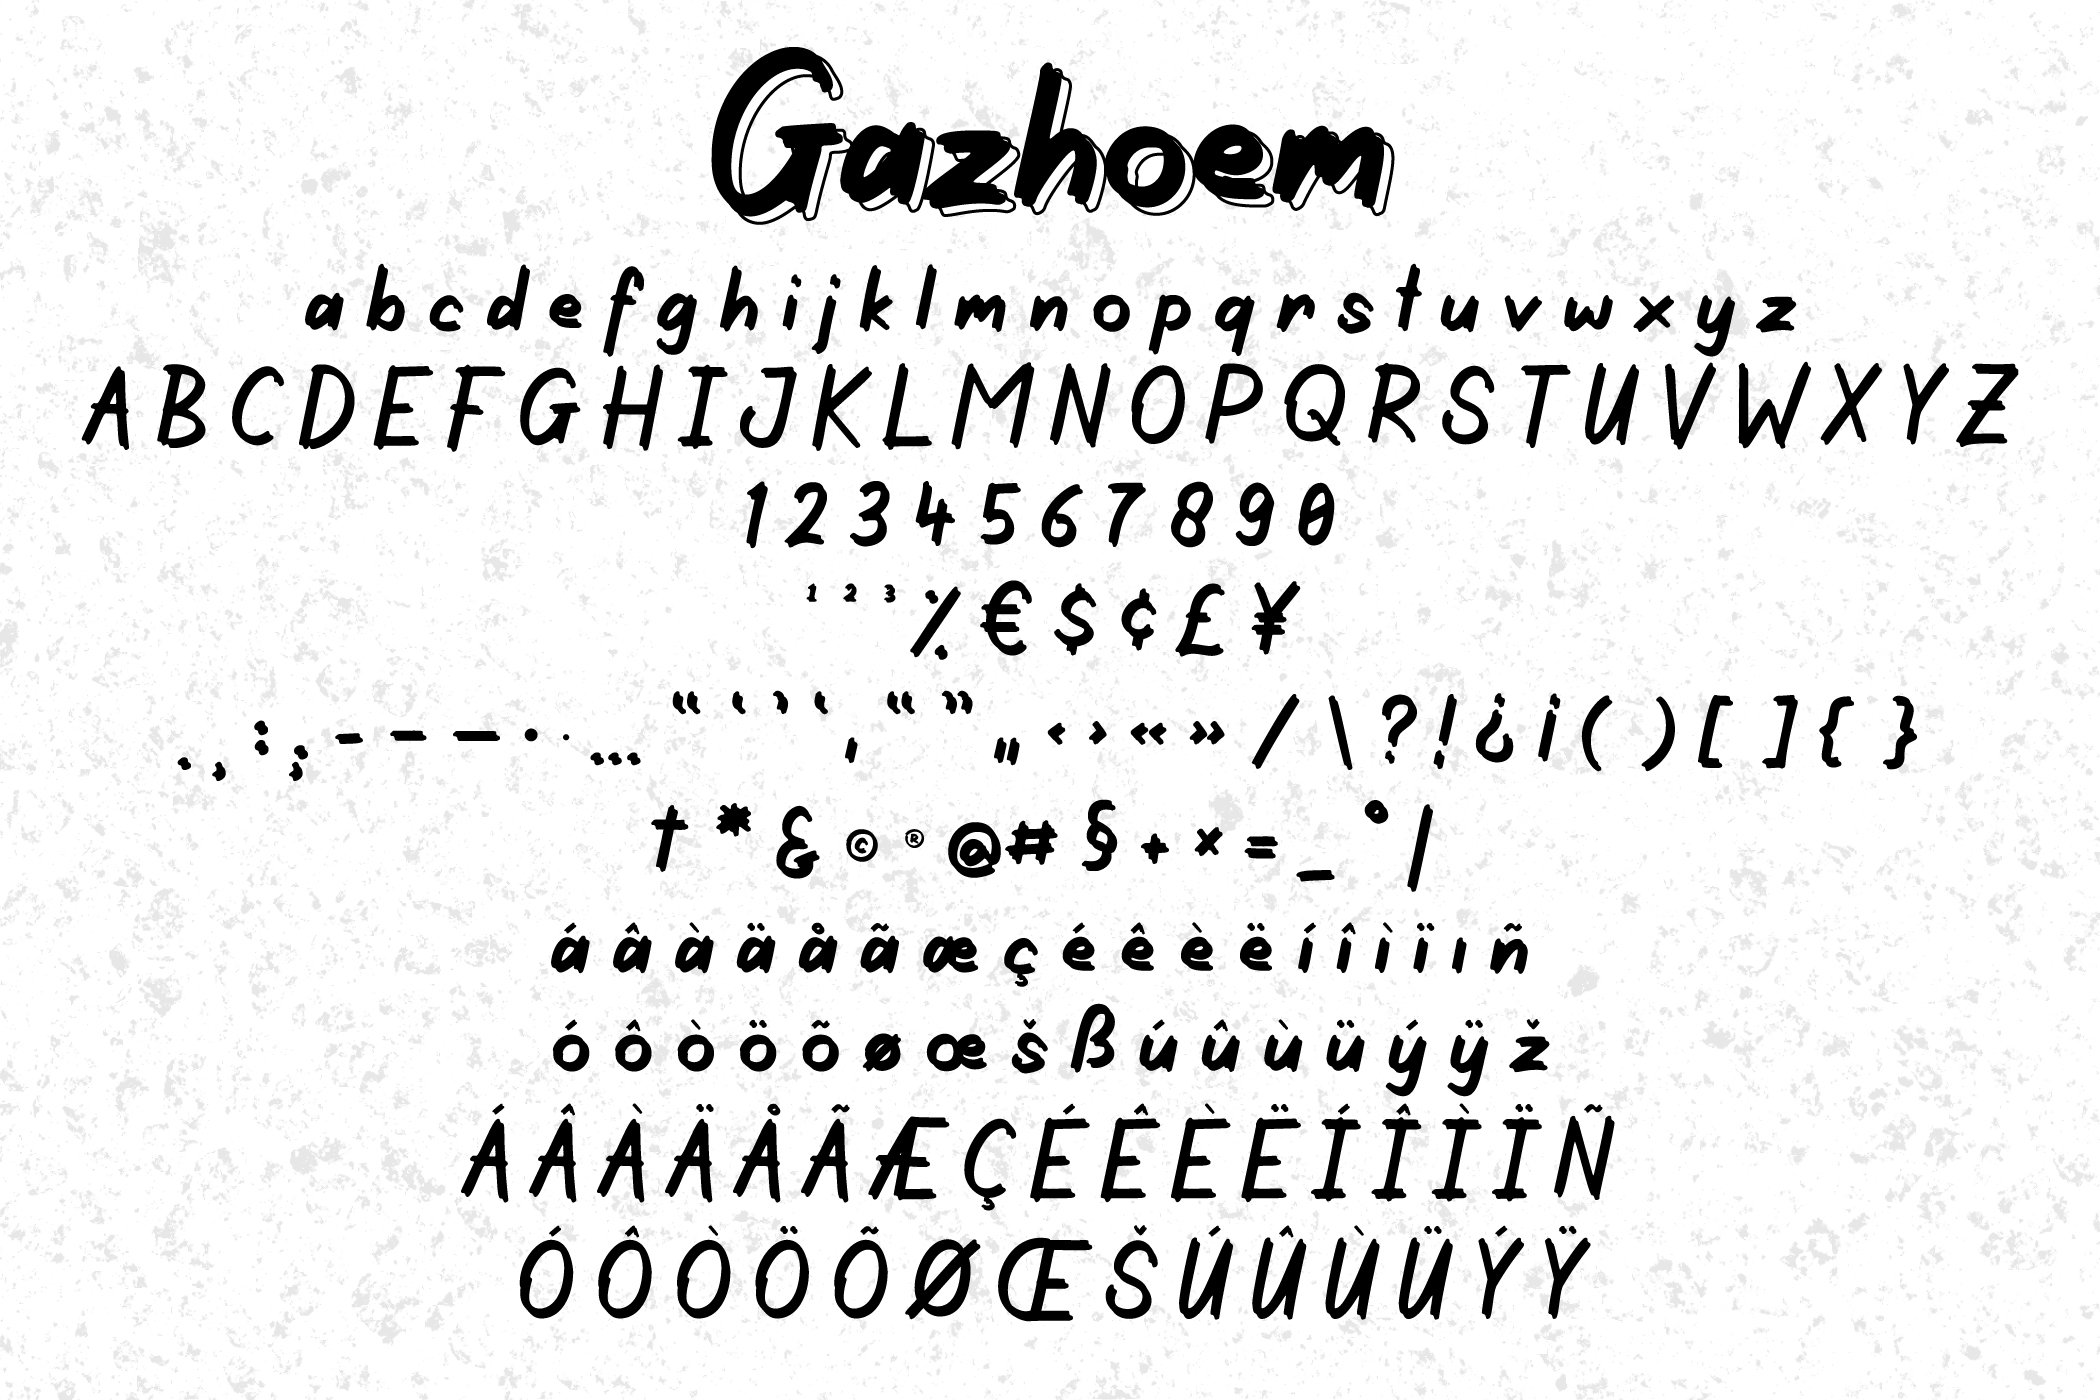 Gazhoem example image 7